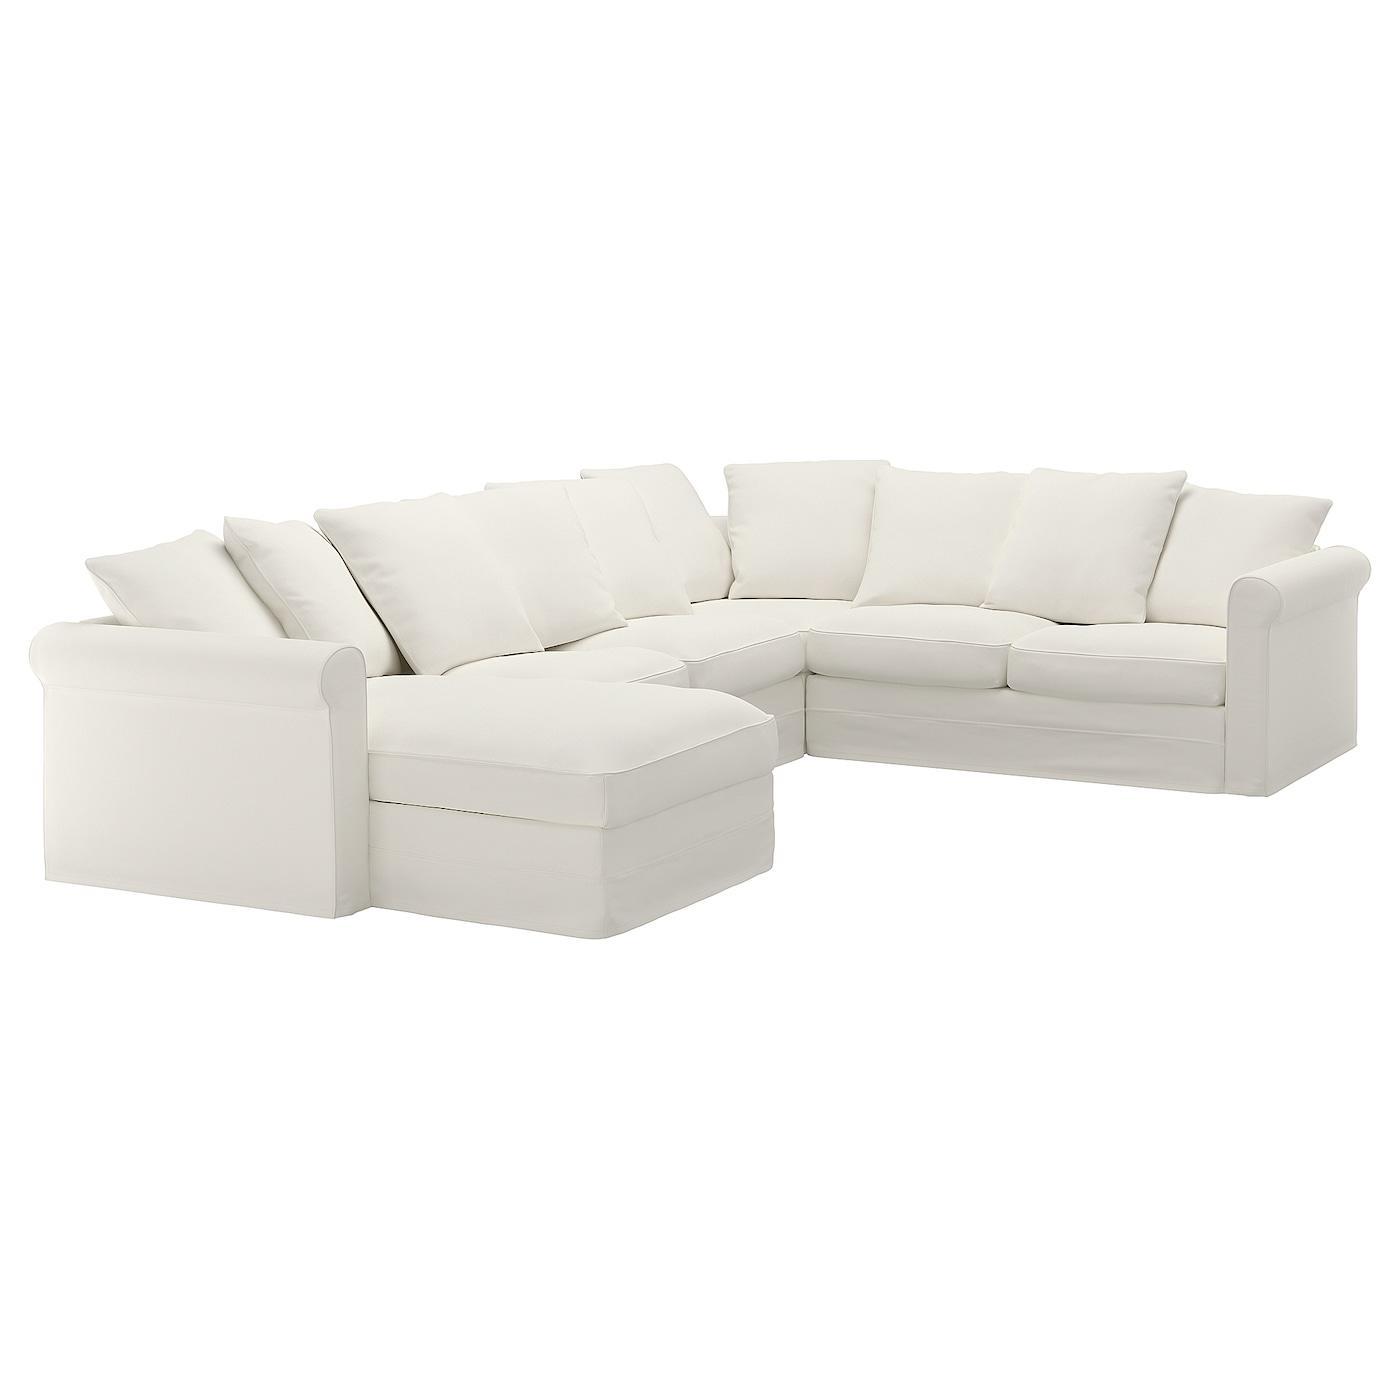 IKEA GRÖNLID biała, pięcioosobowa sofa narożna z szezlongiem